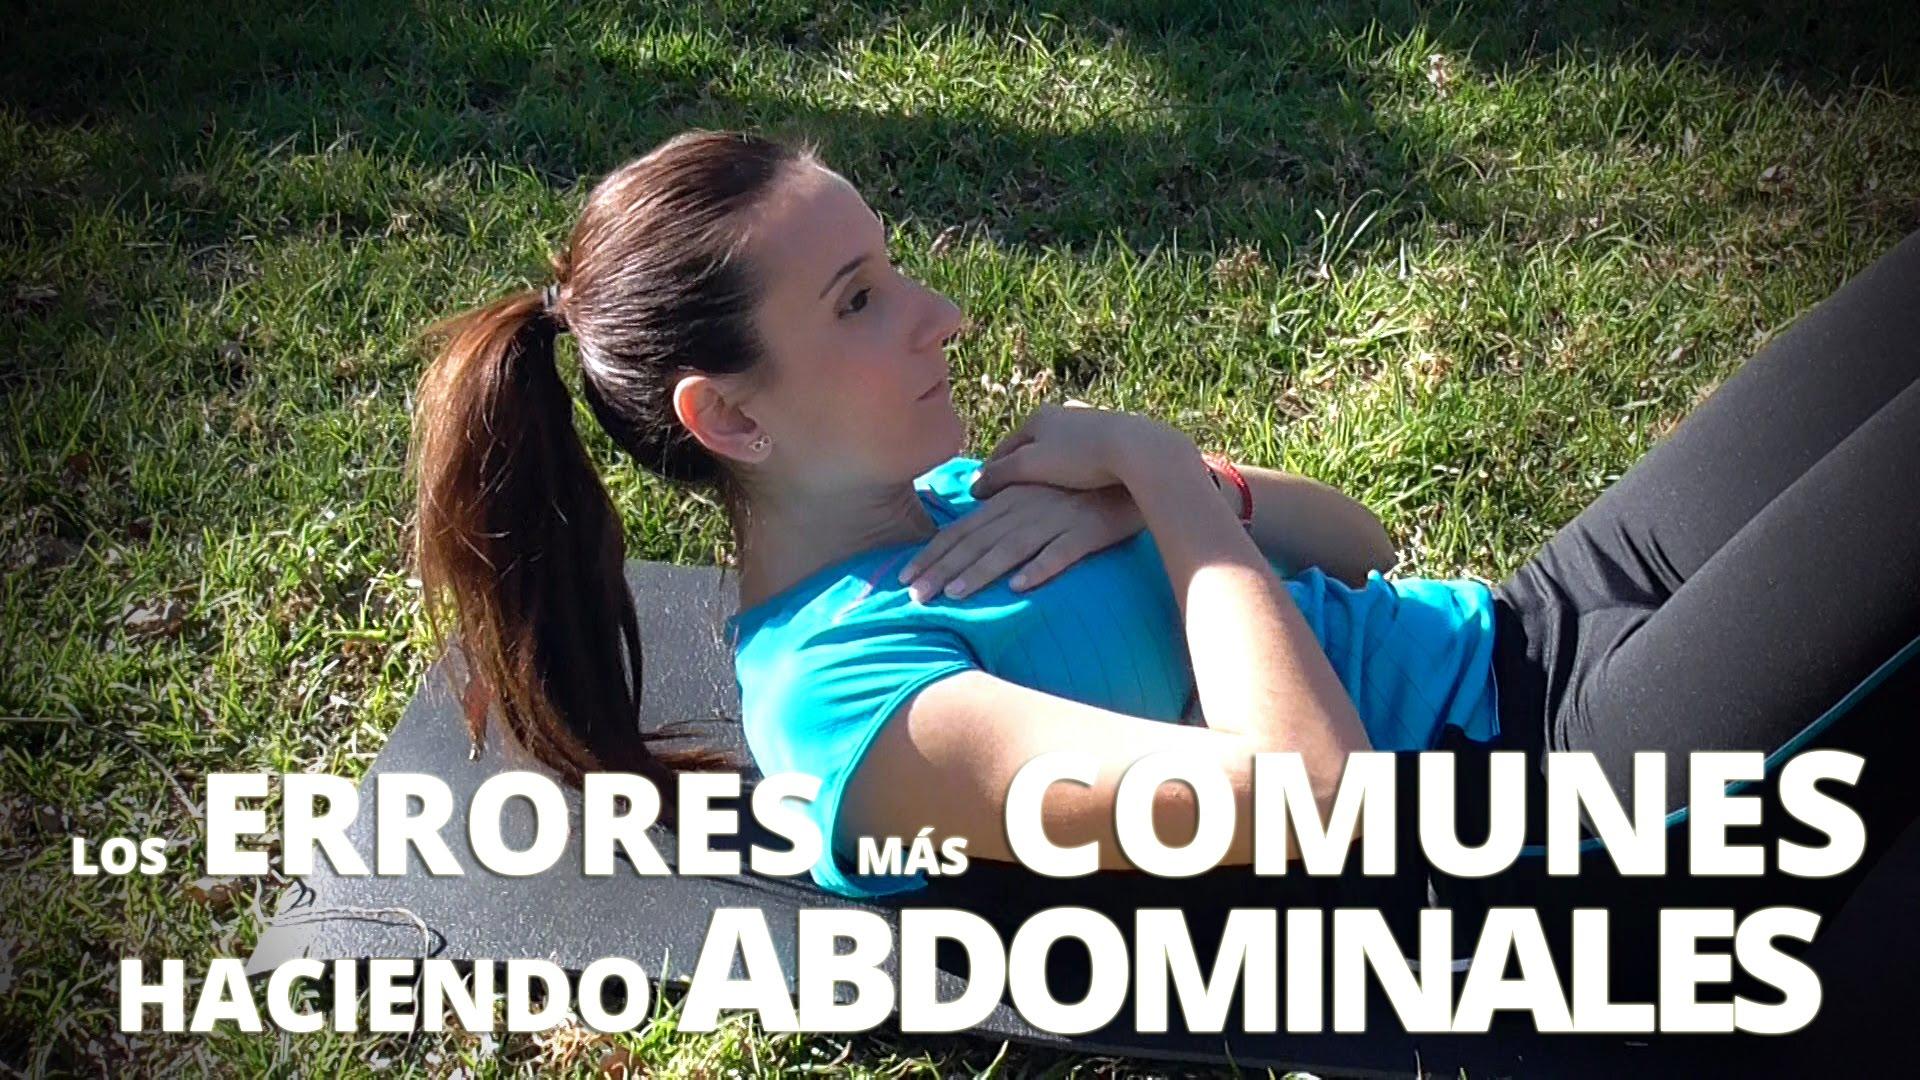 errores basicos al hacer abdominales